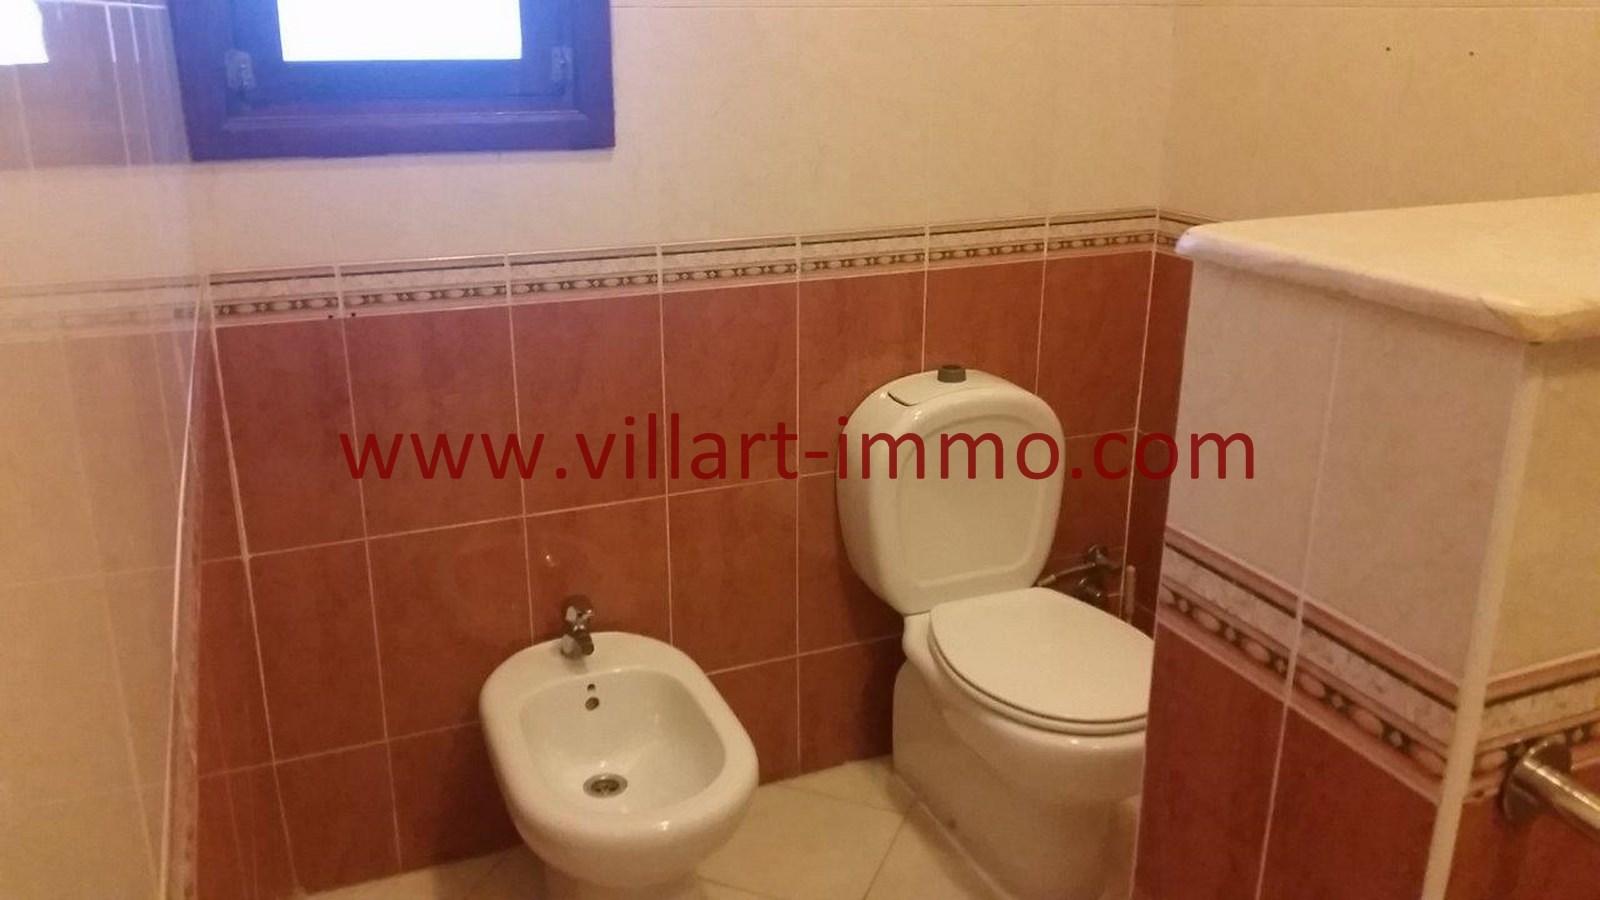 10-a-louer-villa-non-meublee-tanger-salle-de-bain-lv901-villart-immo